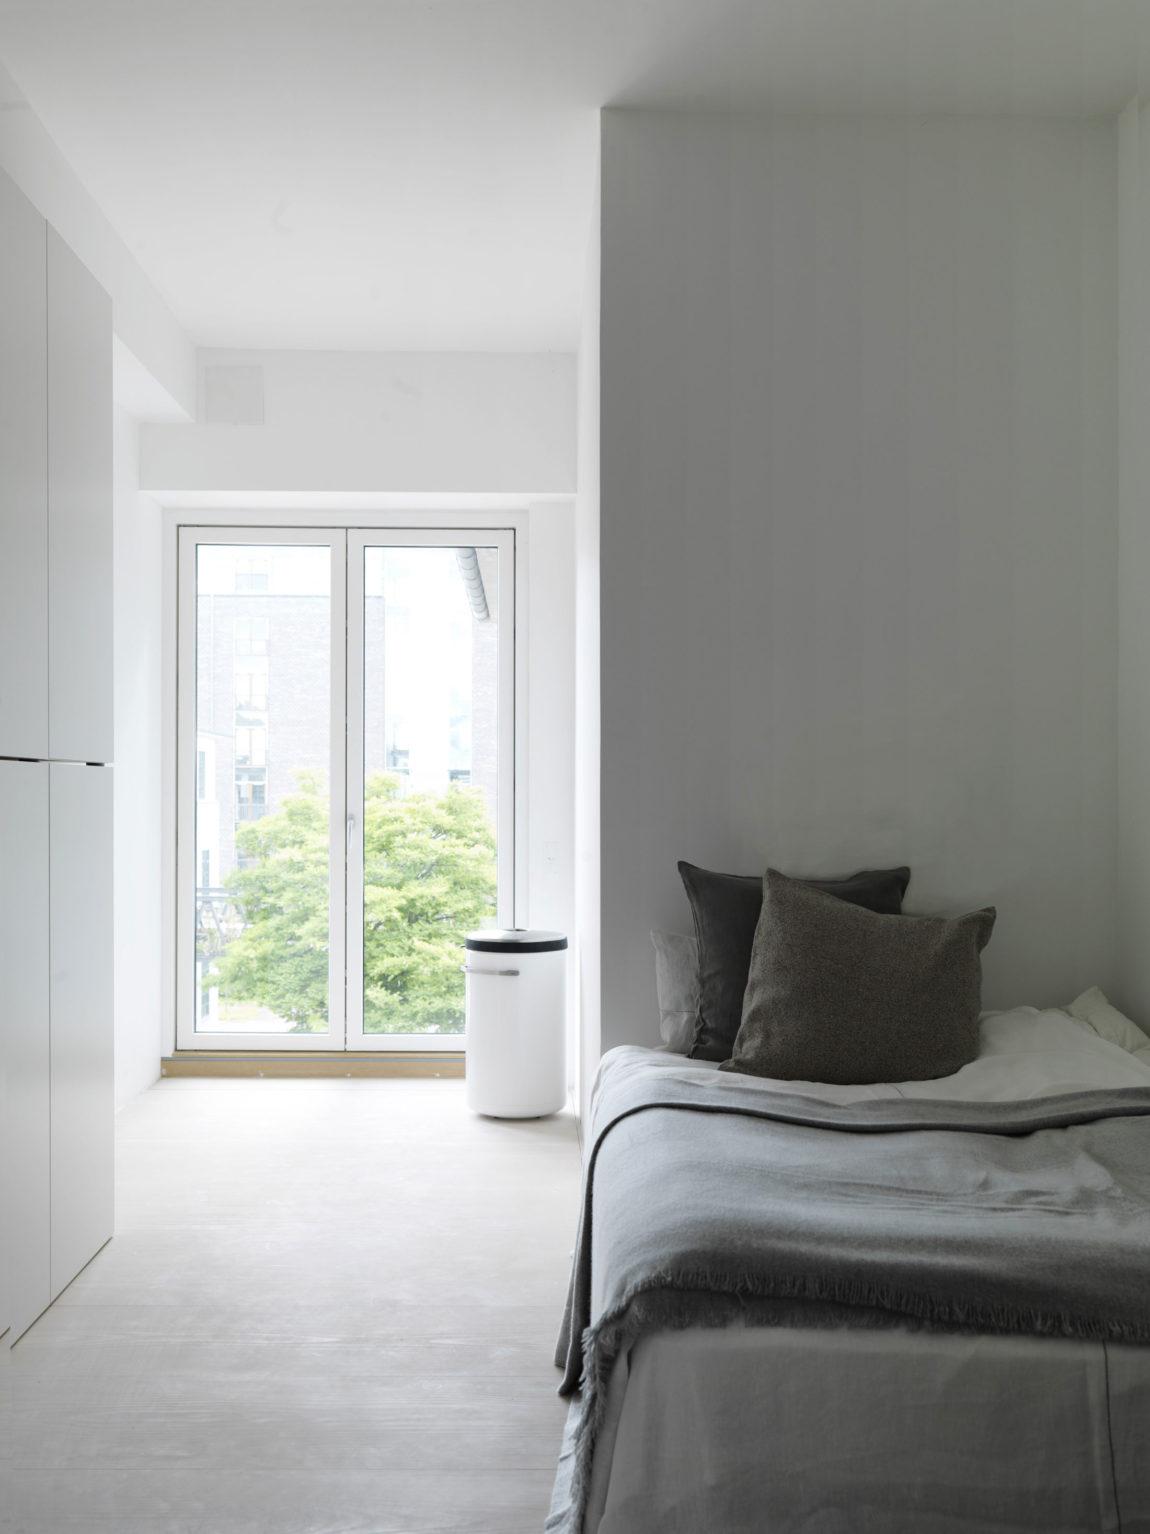 简约现代公寓卧室装修效果图